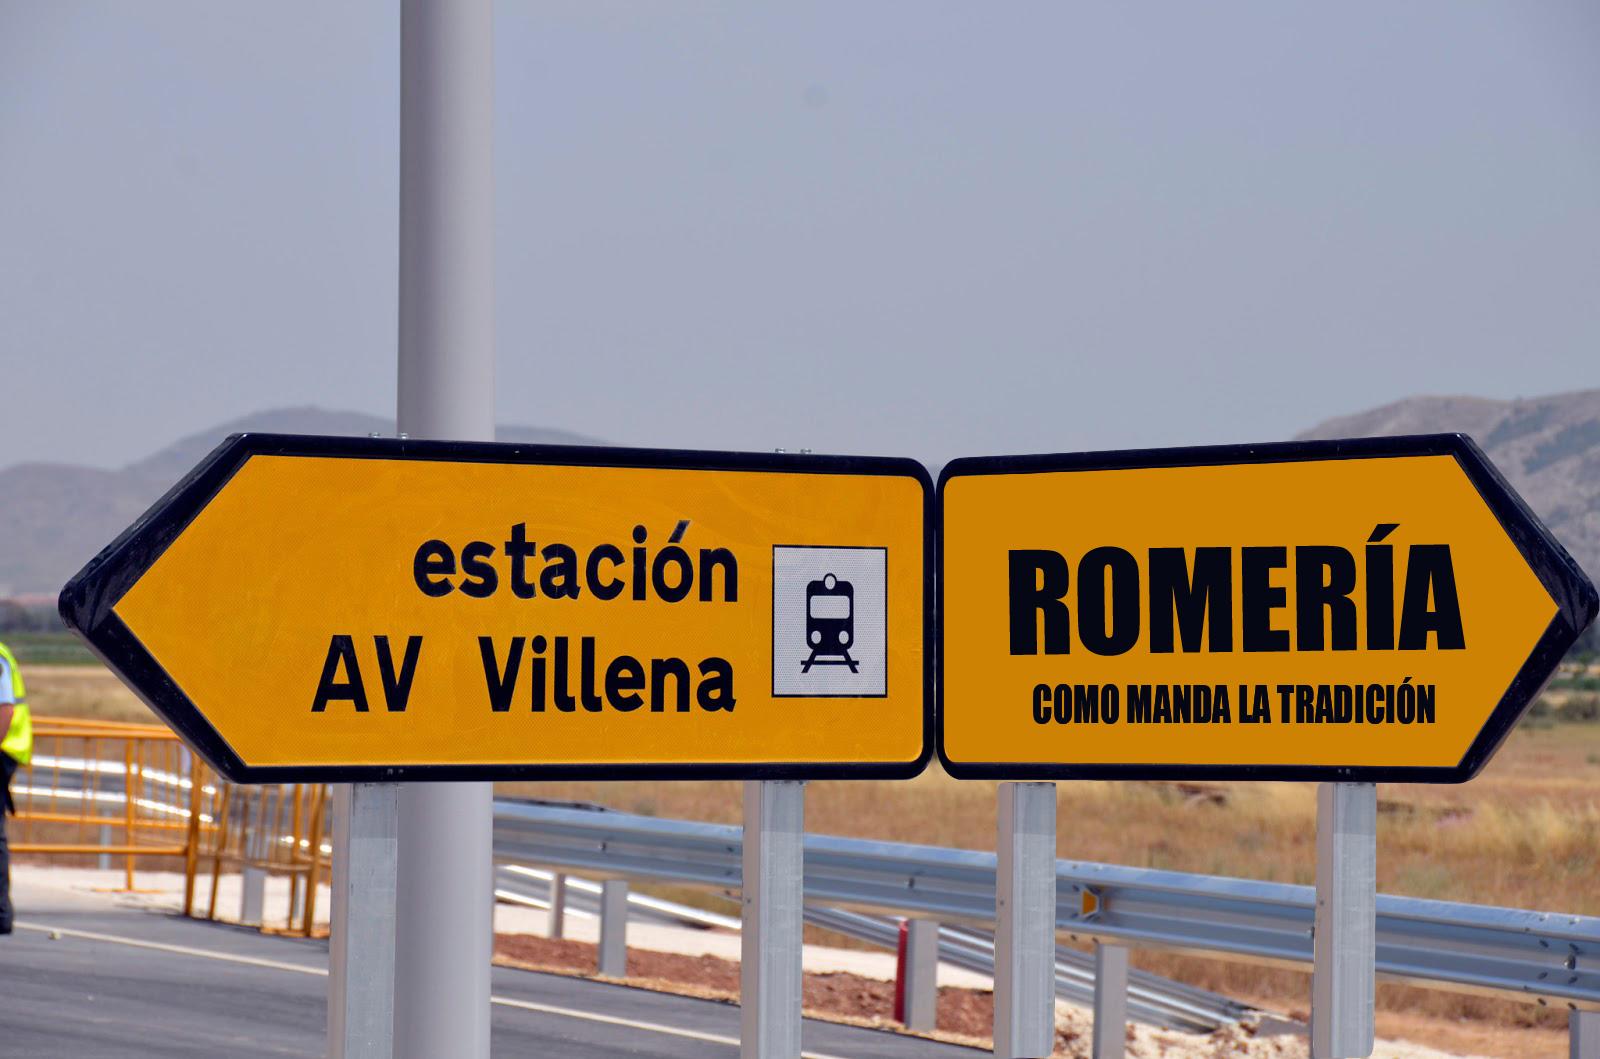 Villena cu ntame 2013 romer a que me estas contando - Jefatura provincial de trafico de albacete ...